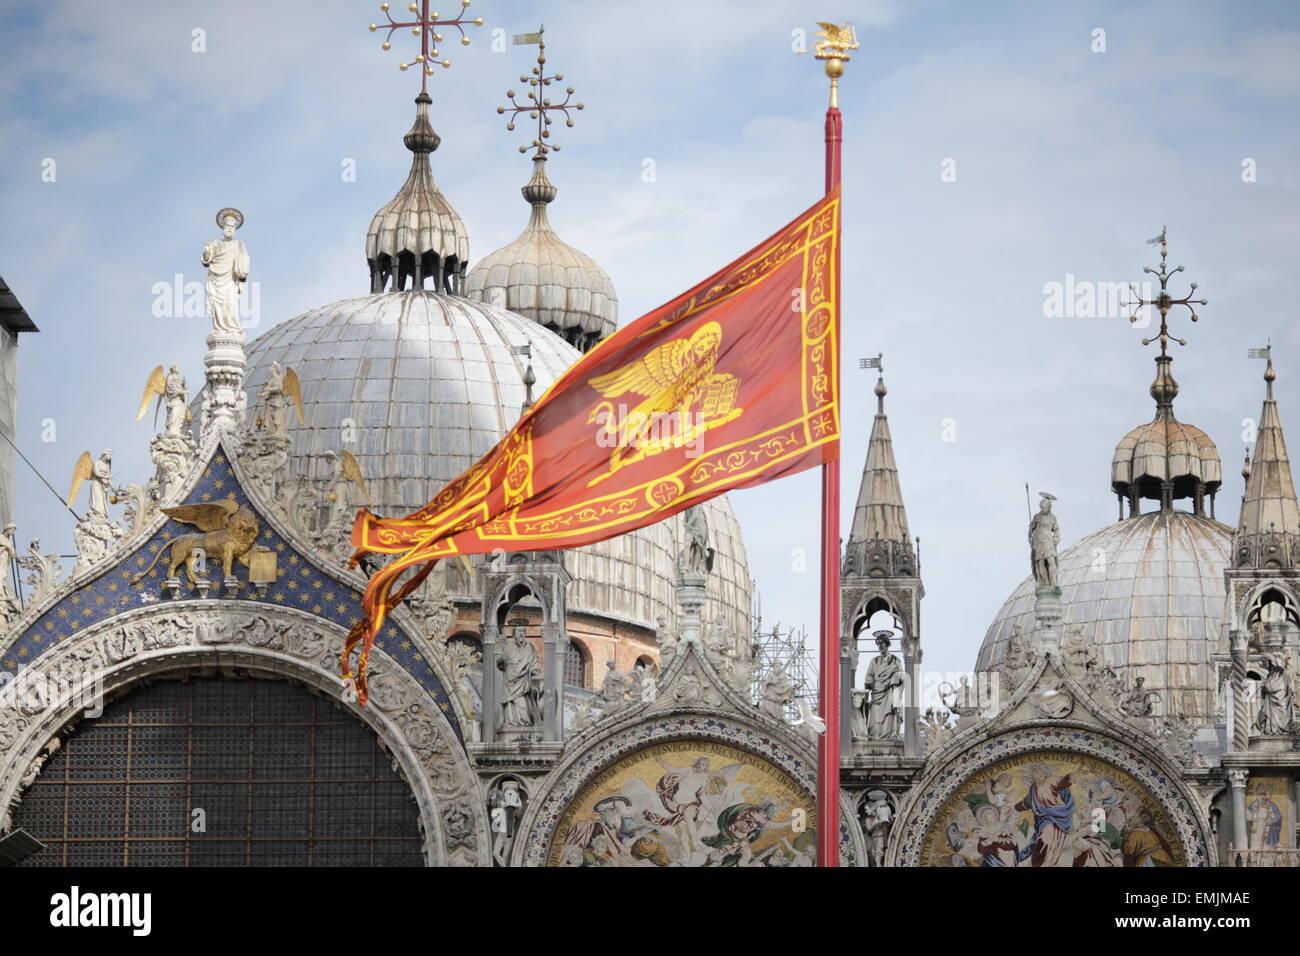 Bandiera di Venezia e la Basilica di San Marco, Venezia, Italia Foto Stock